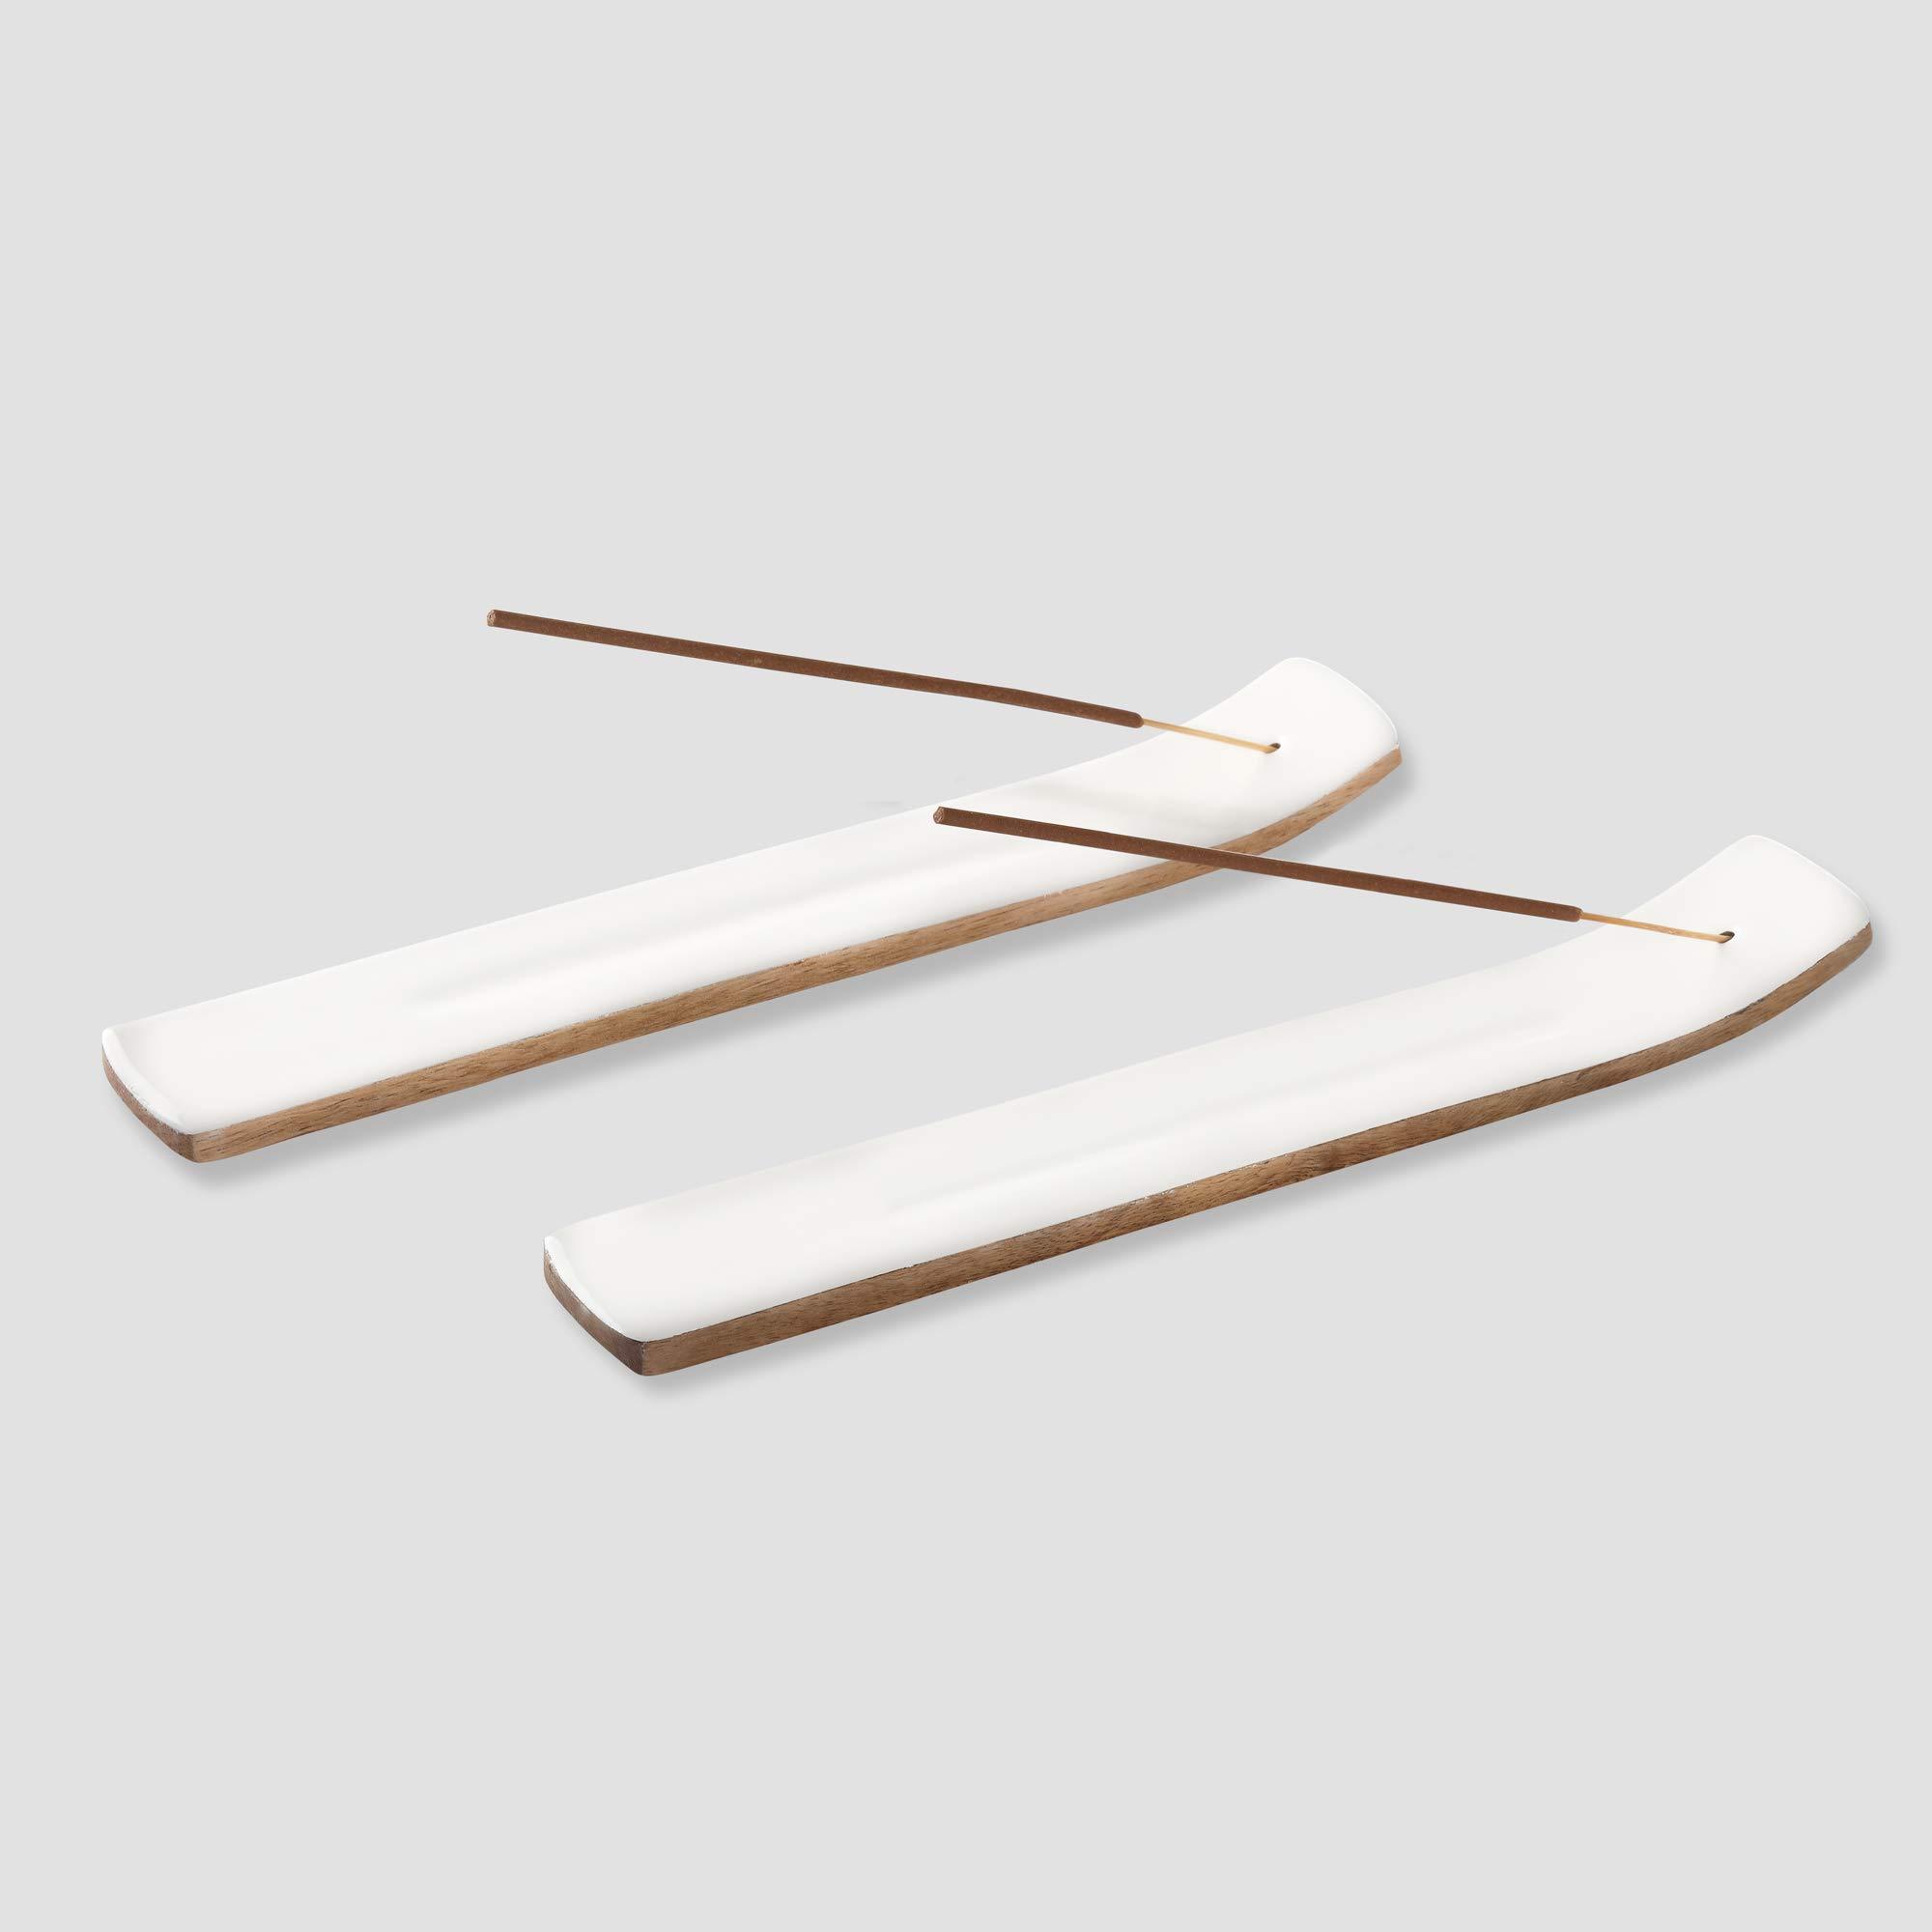 Folkulture Set of 2 Incense Holder or Incense Burner for Insence Sticks, Modern Ash Catcher or Insence Burner Holder, Wooden Insense Stick Holders or Inscent Tray, Mango Wood, White